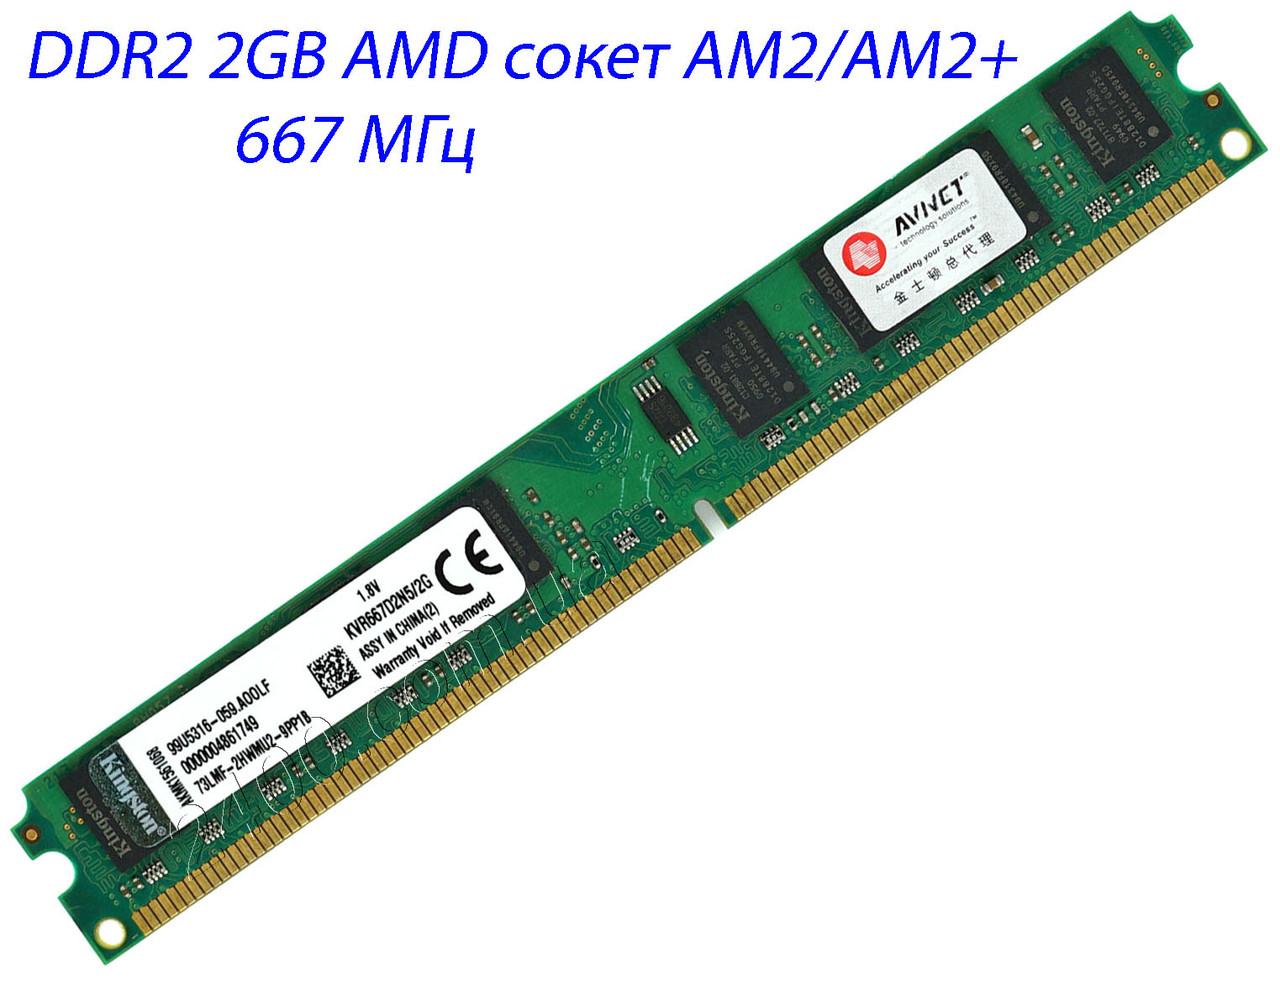 Оперативна пам'ять DDR2 2GB AMD AM2/AM2+, KVR667D2N5/2G 667 MHz PC2-5300 (2048MB)